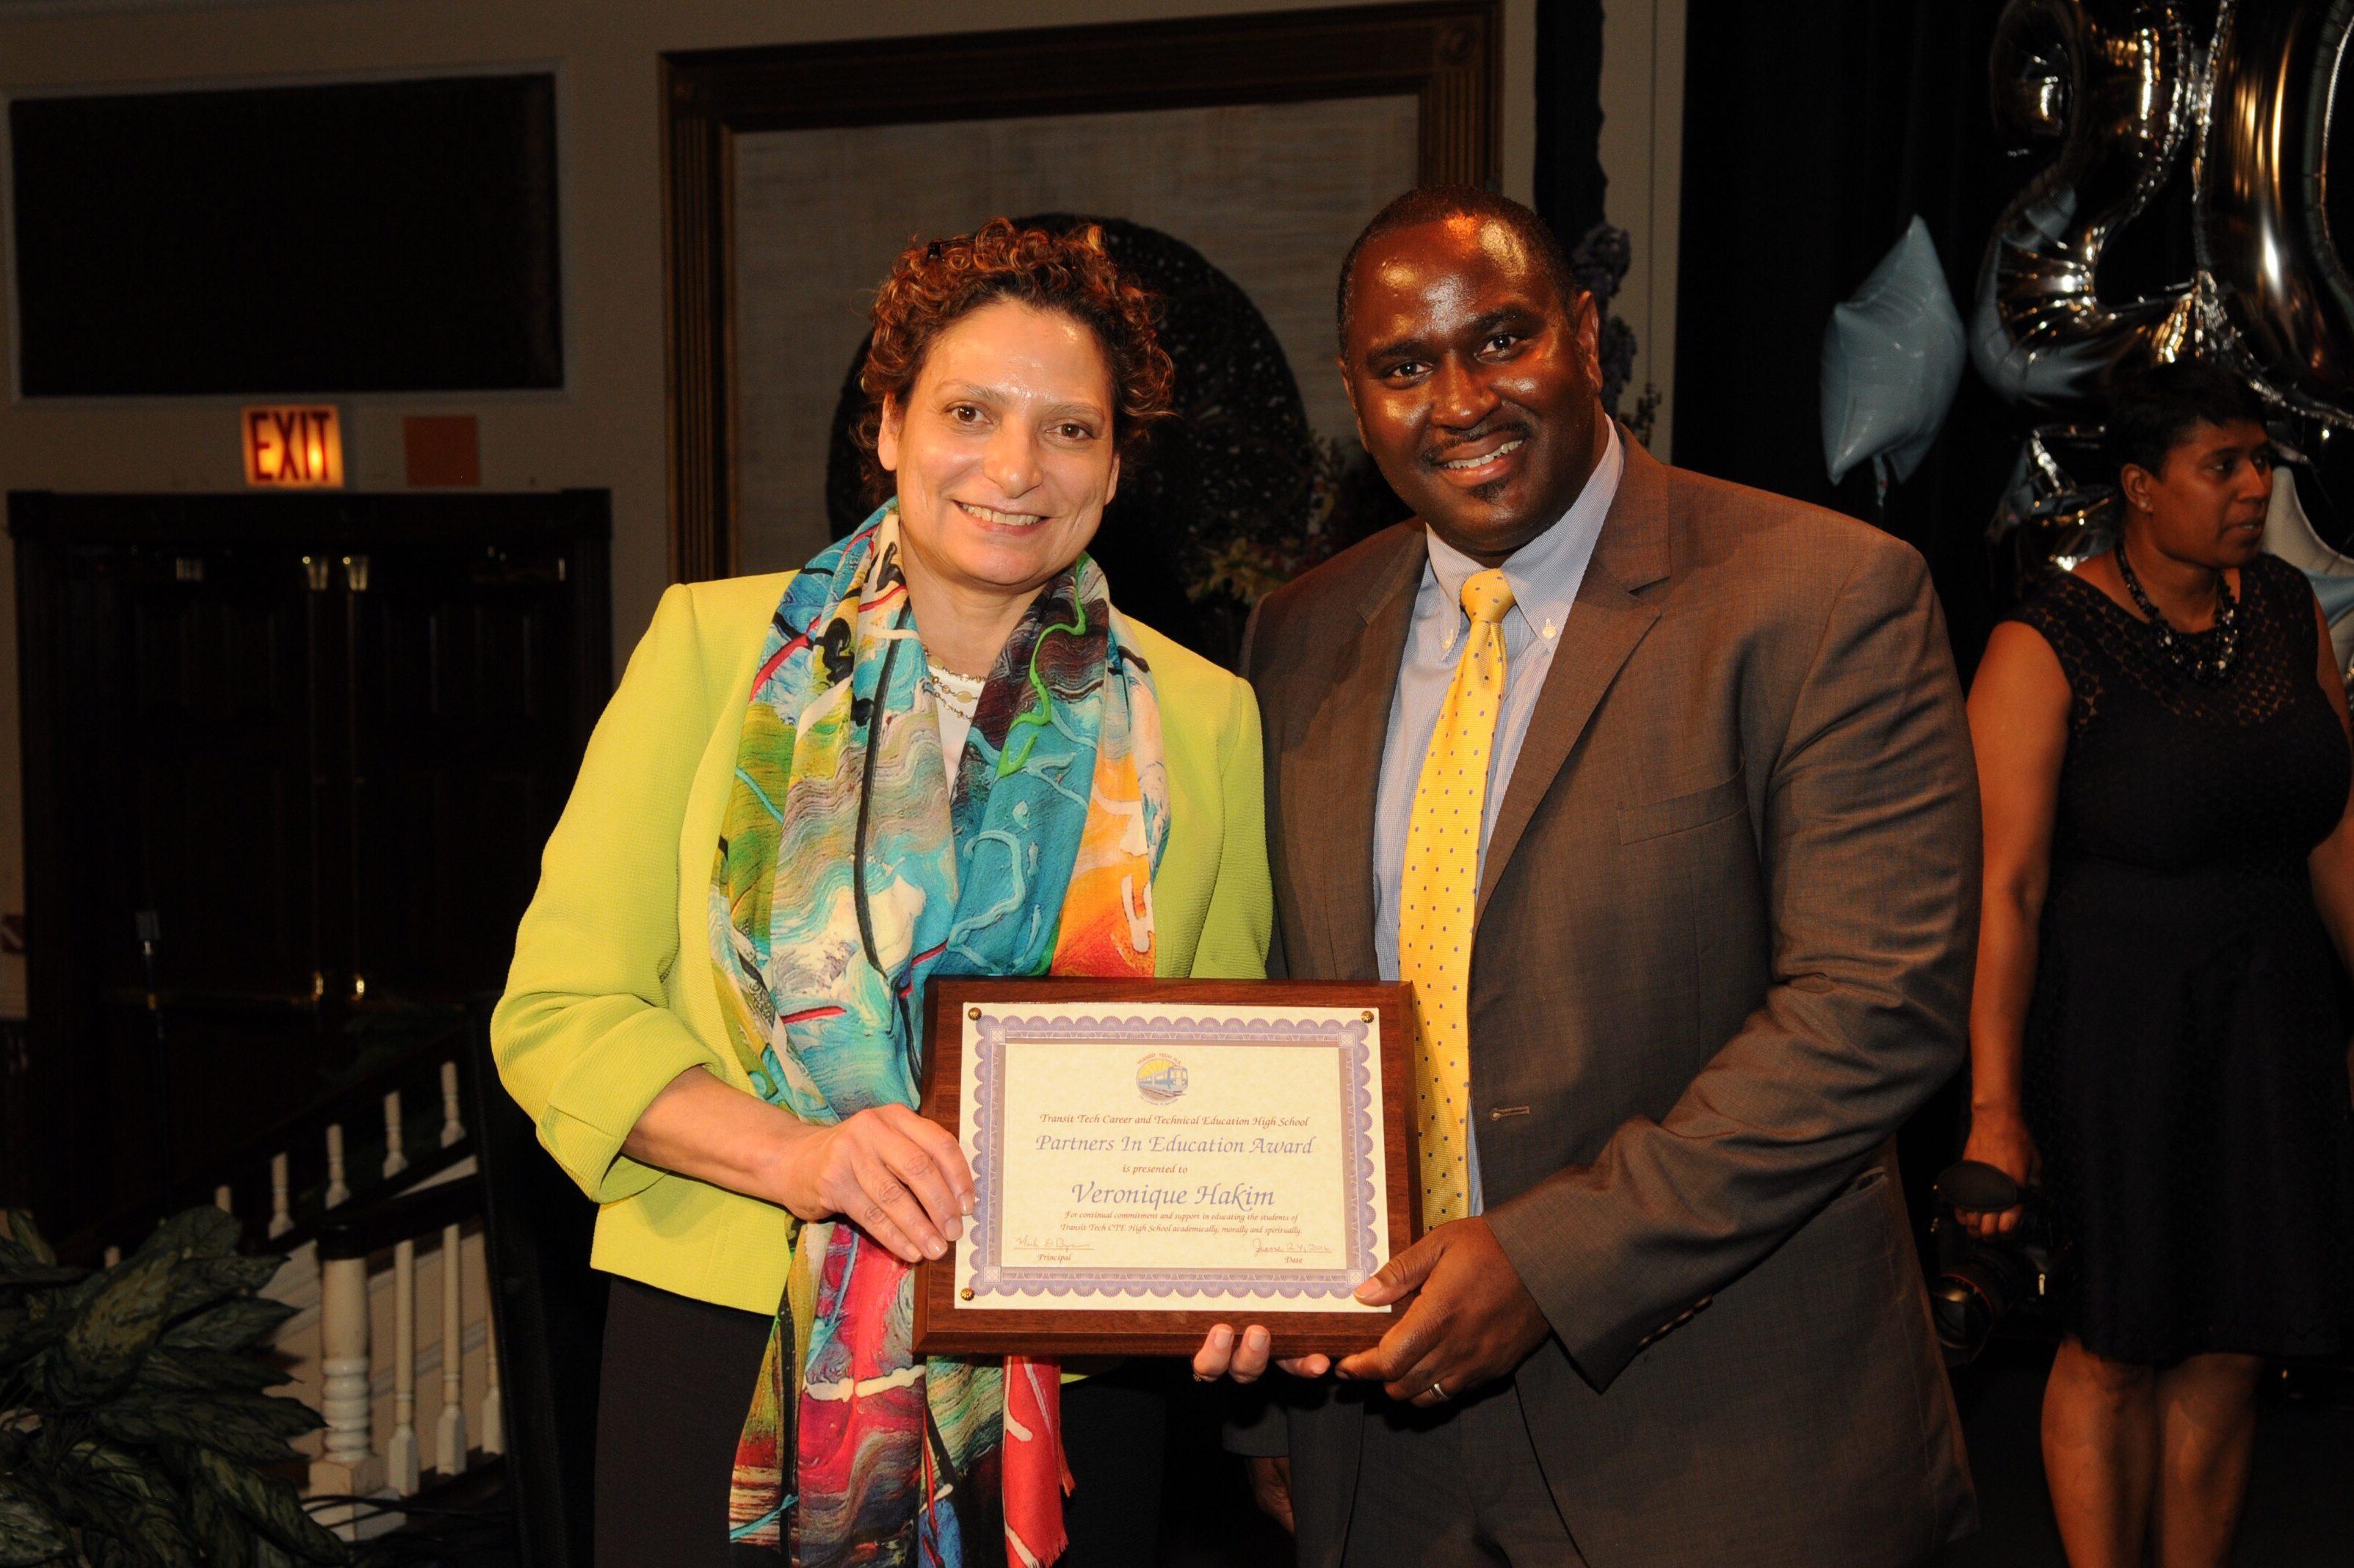 Principal Bynum receives an award